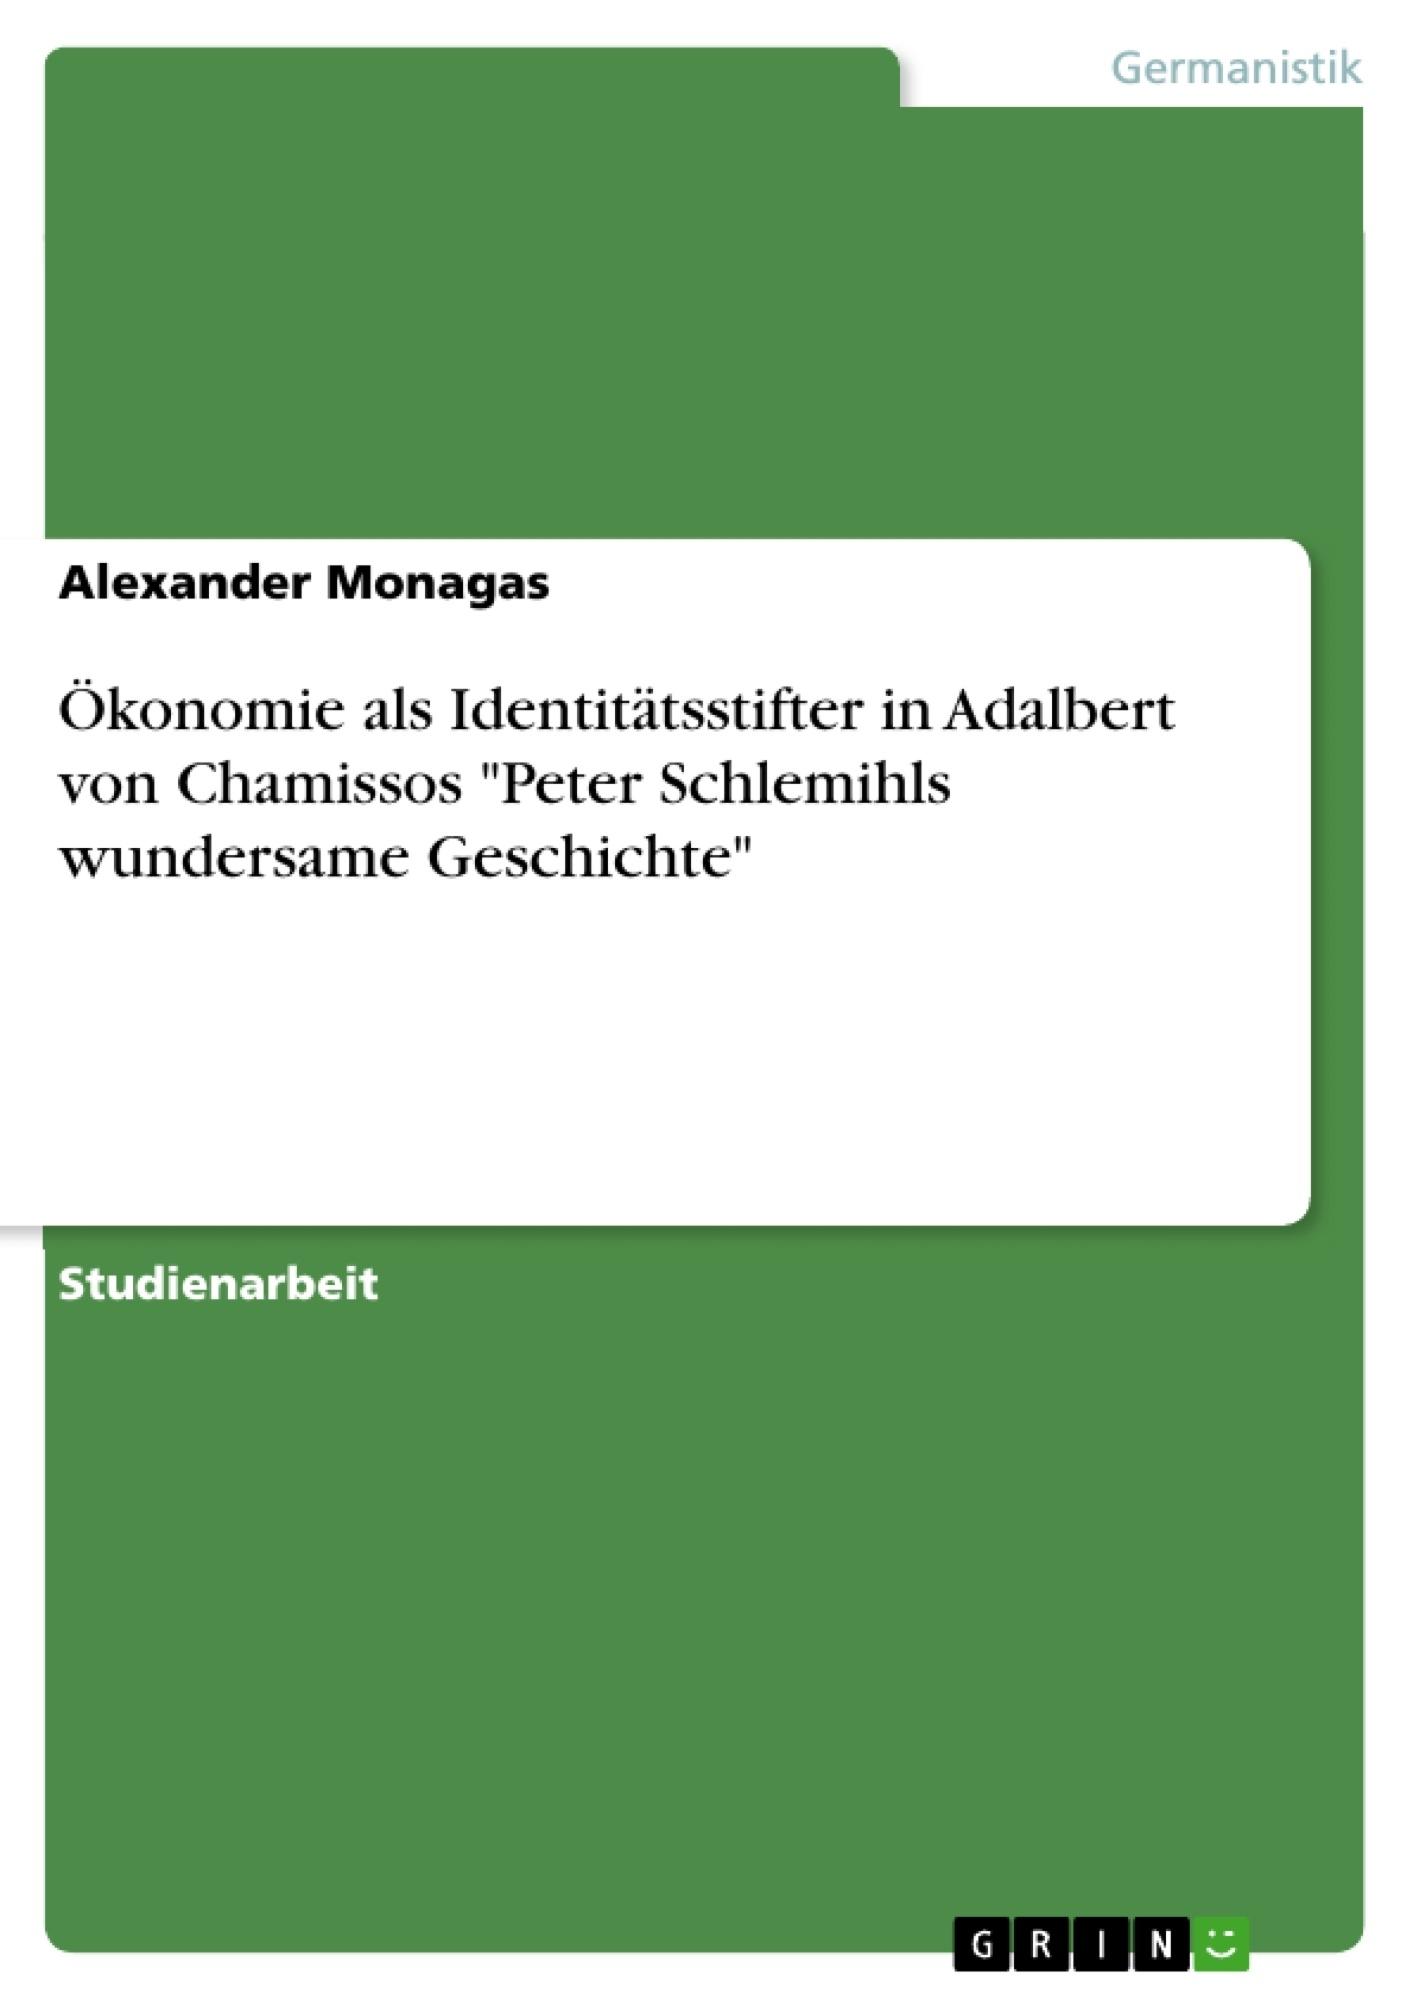 """Titel: Ökonomie als Identitätsstifter in Adalbert von Chamissos """"Peter Schlemihls wundersame Geschichte"""""""